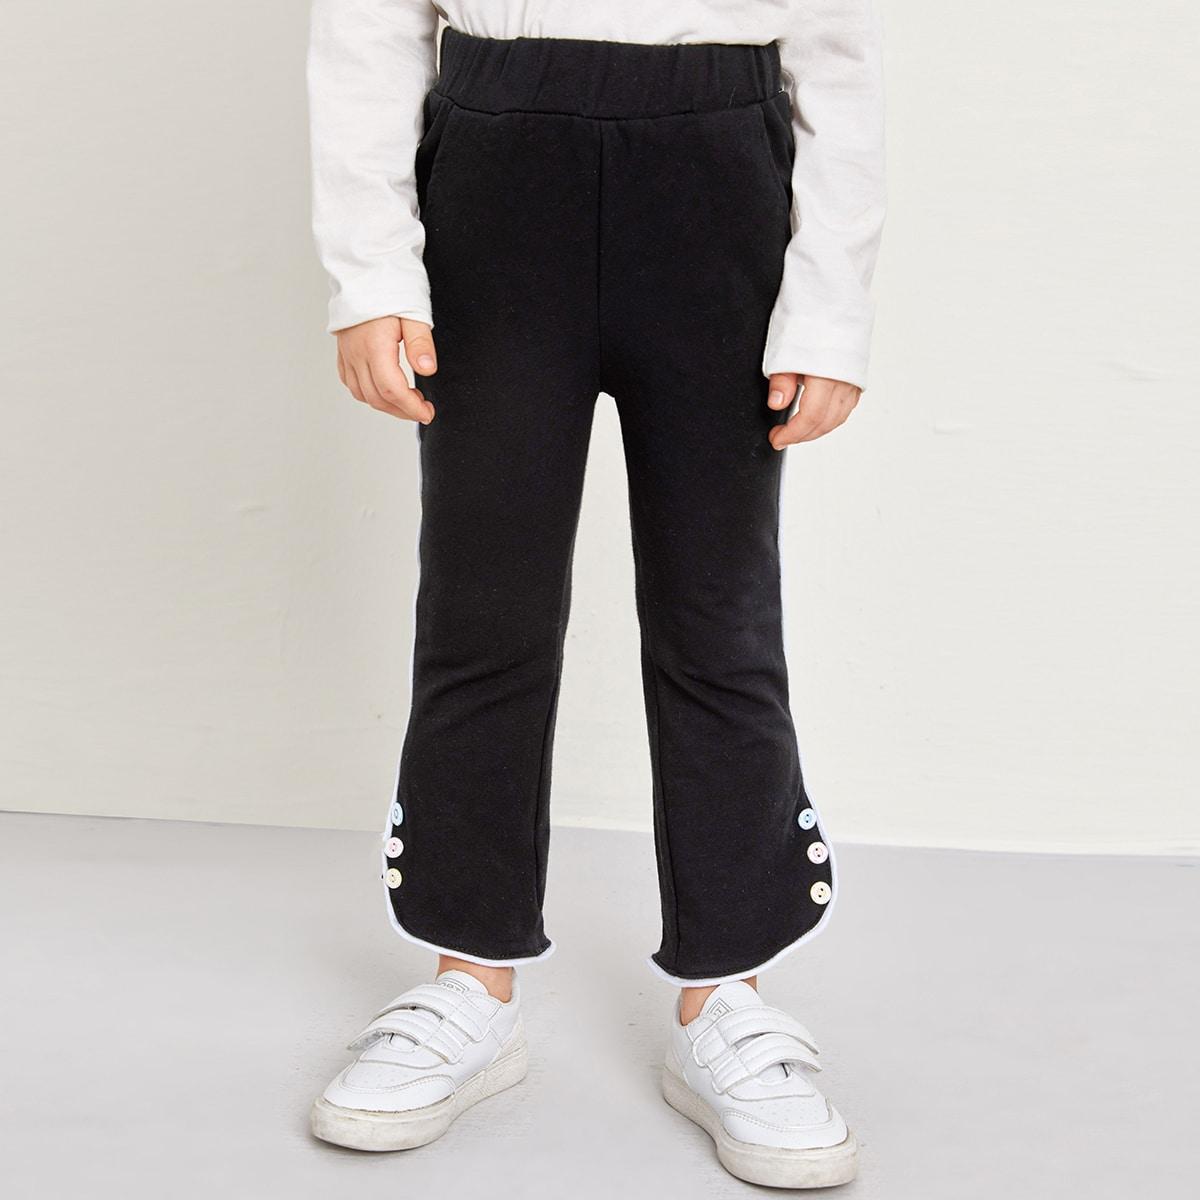 Контрастная отделка повседневный брюки для маленьких девочек